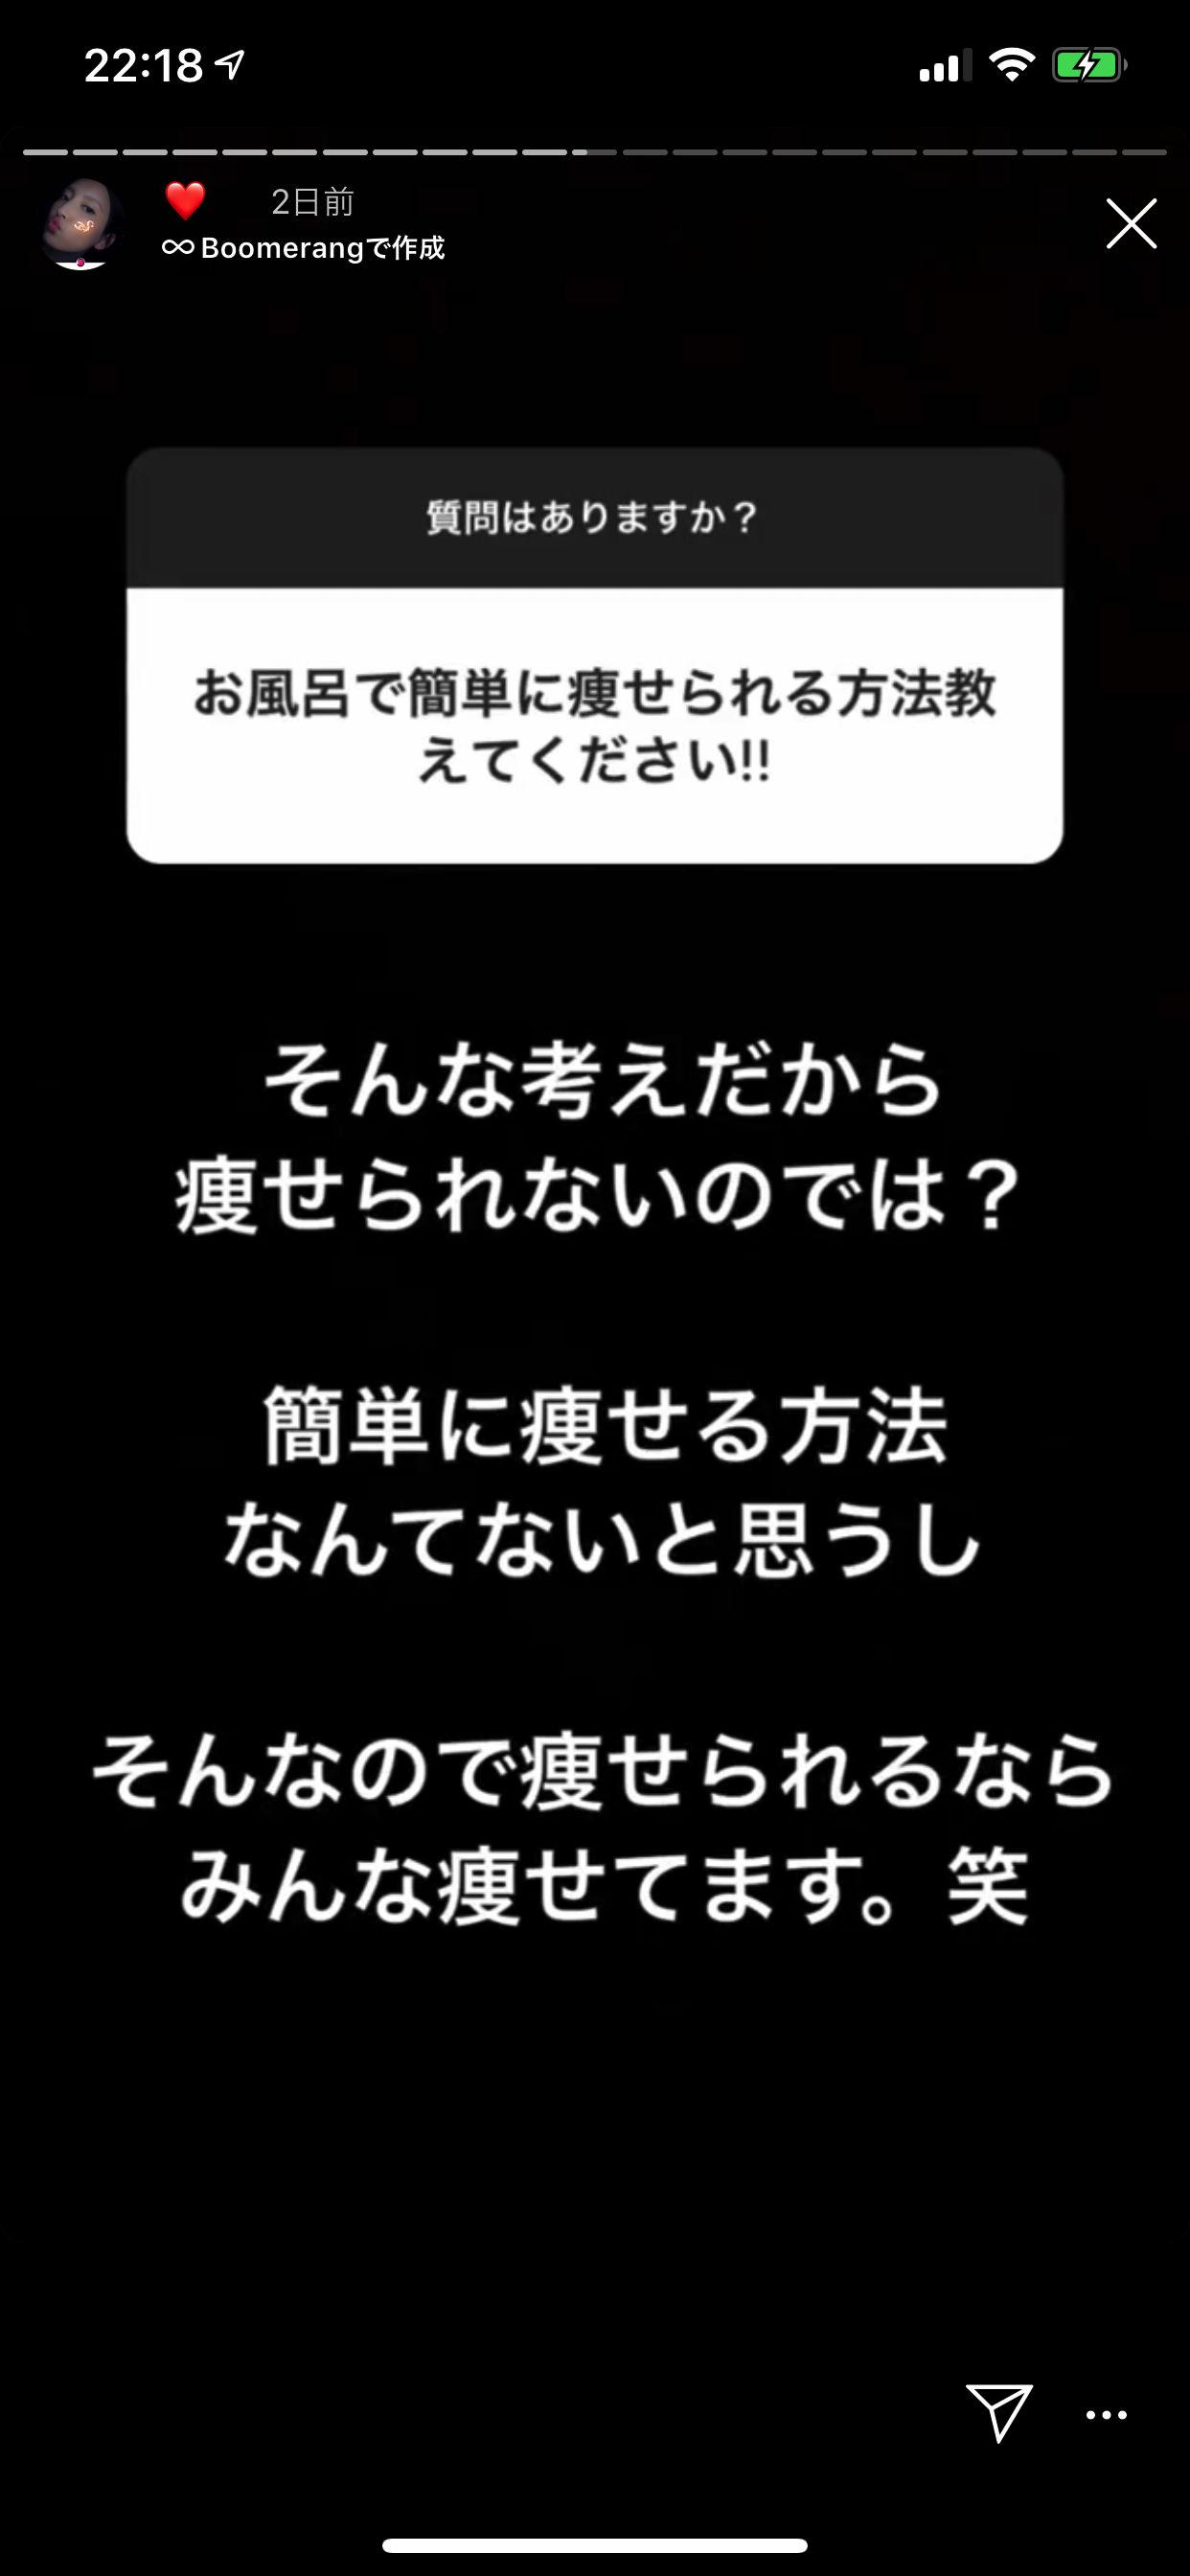 nanao-instagram-2